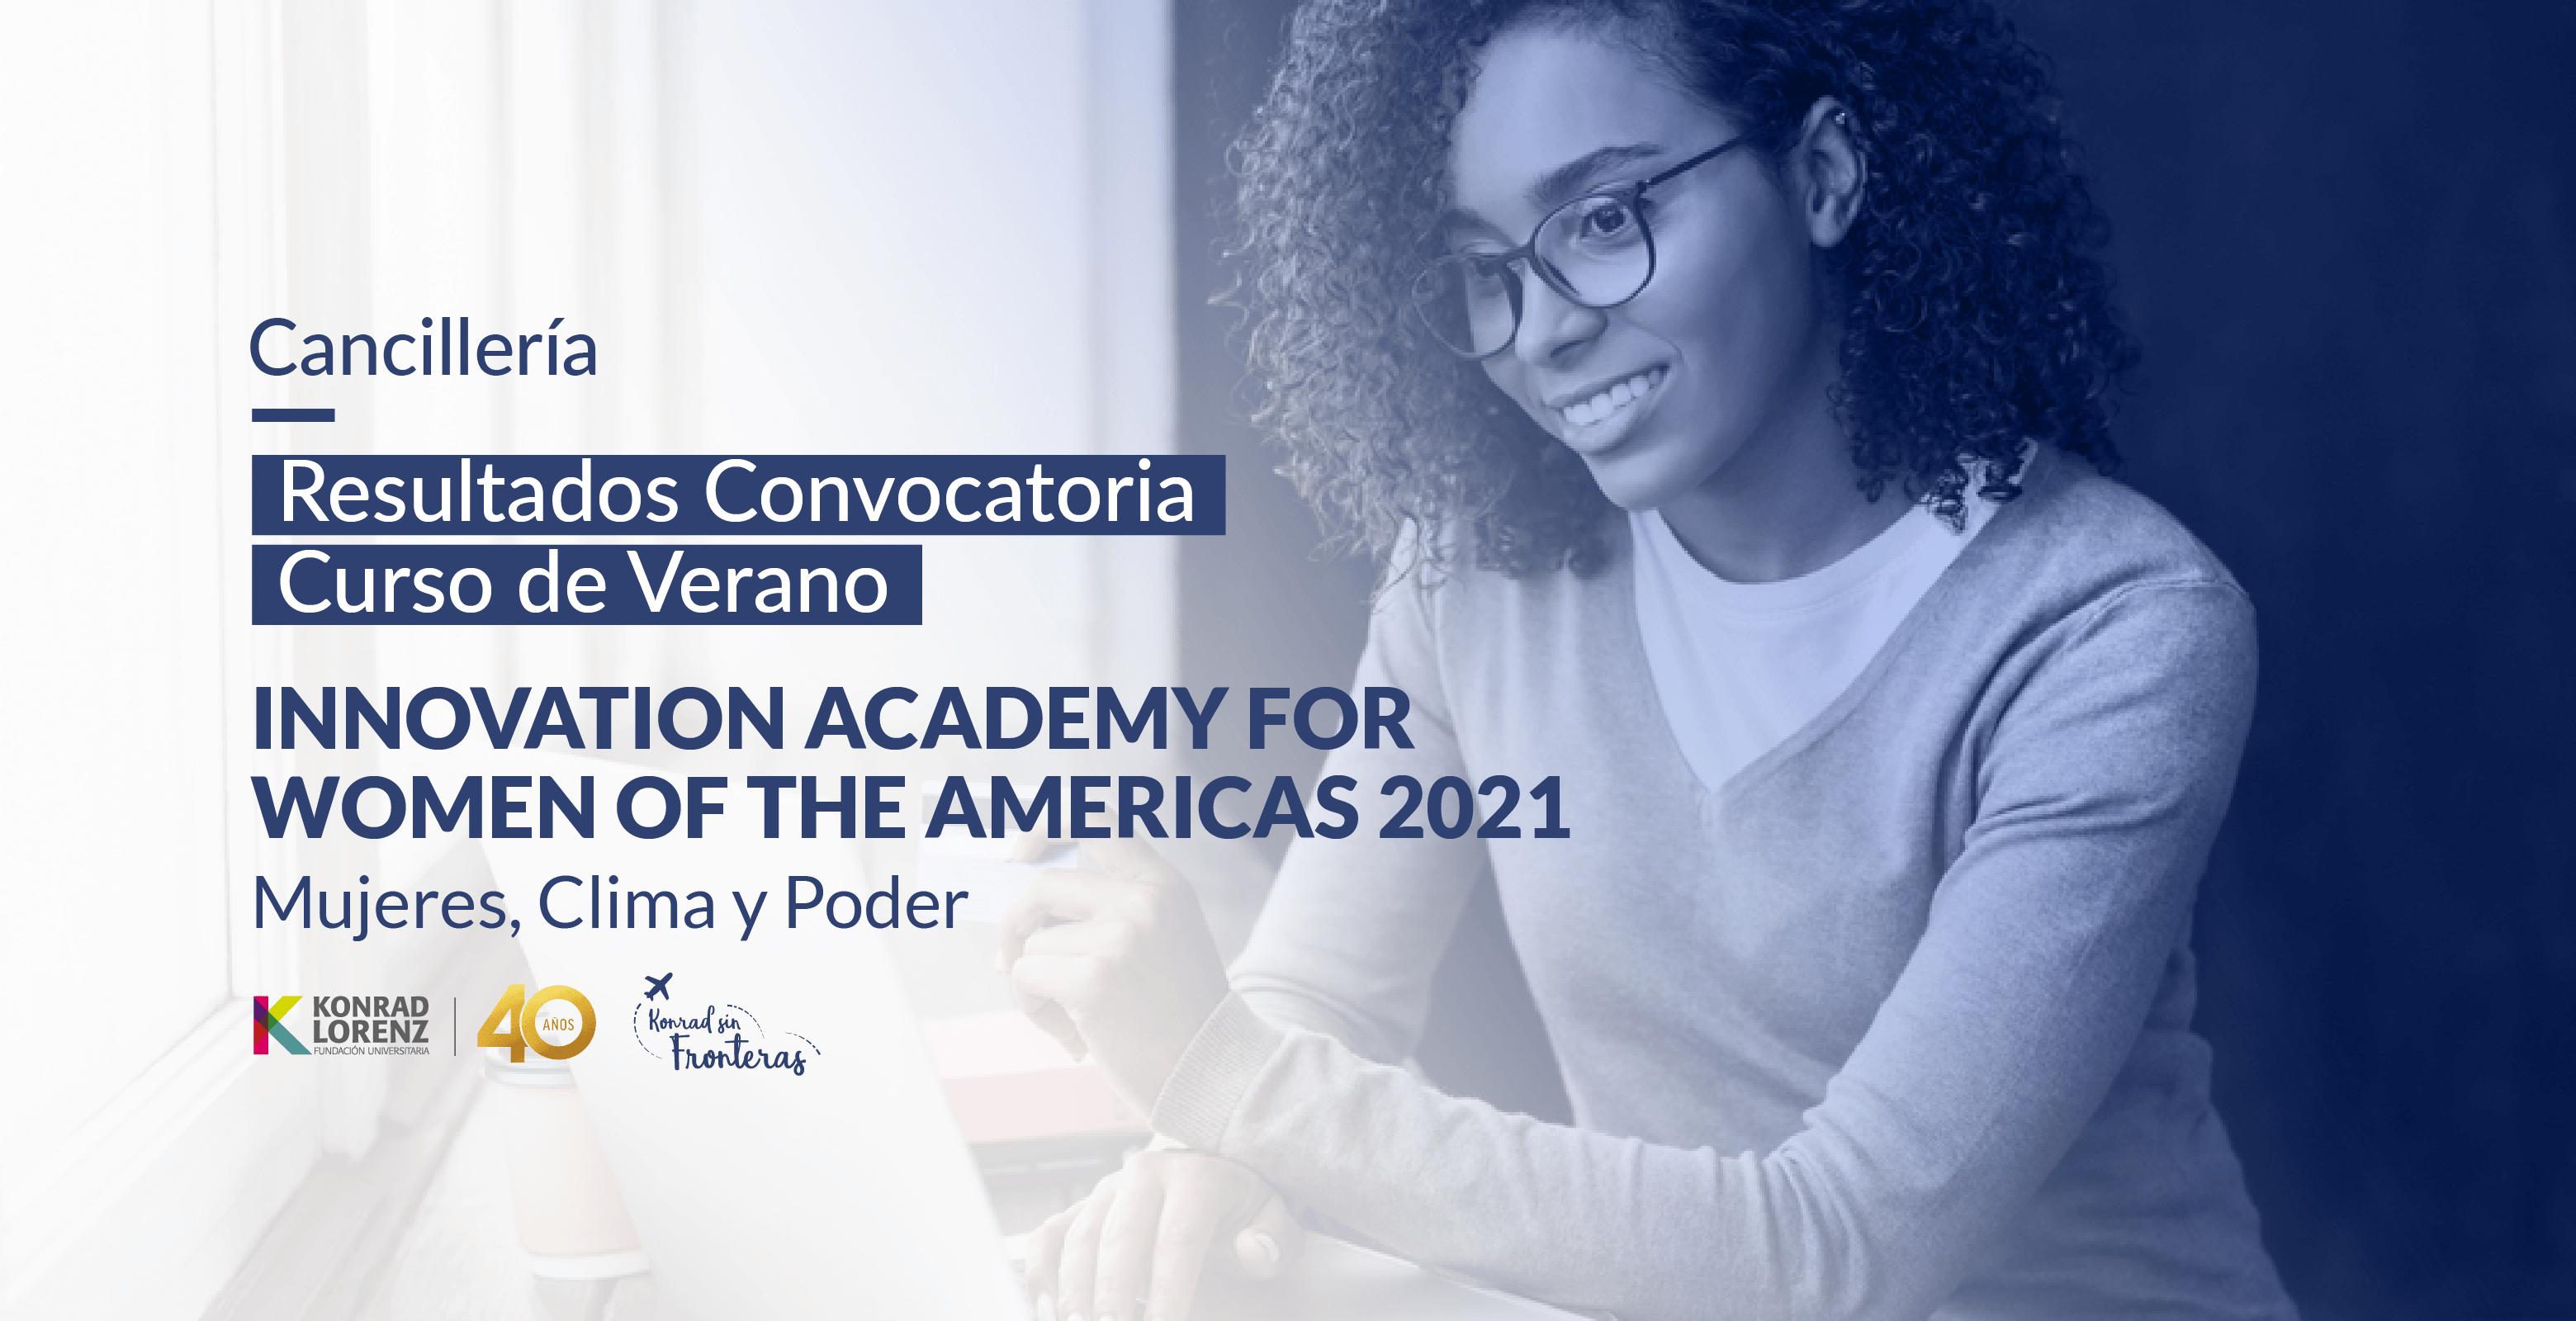 Cancillería: Resultados de la Convocatoria del Curso de Verano Innovation Academy for Women of The Americas 2021 - Mujeres, Clima y Poder